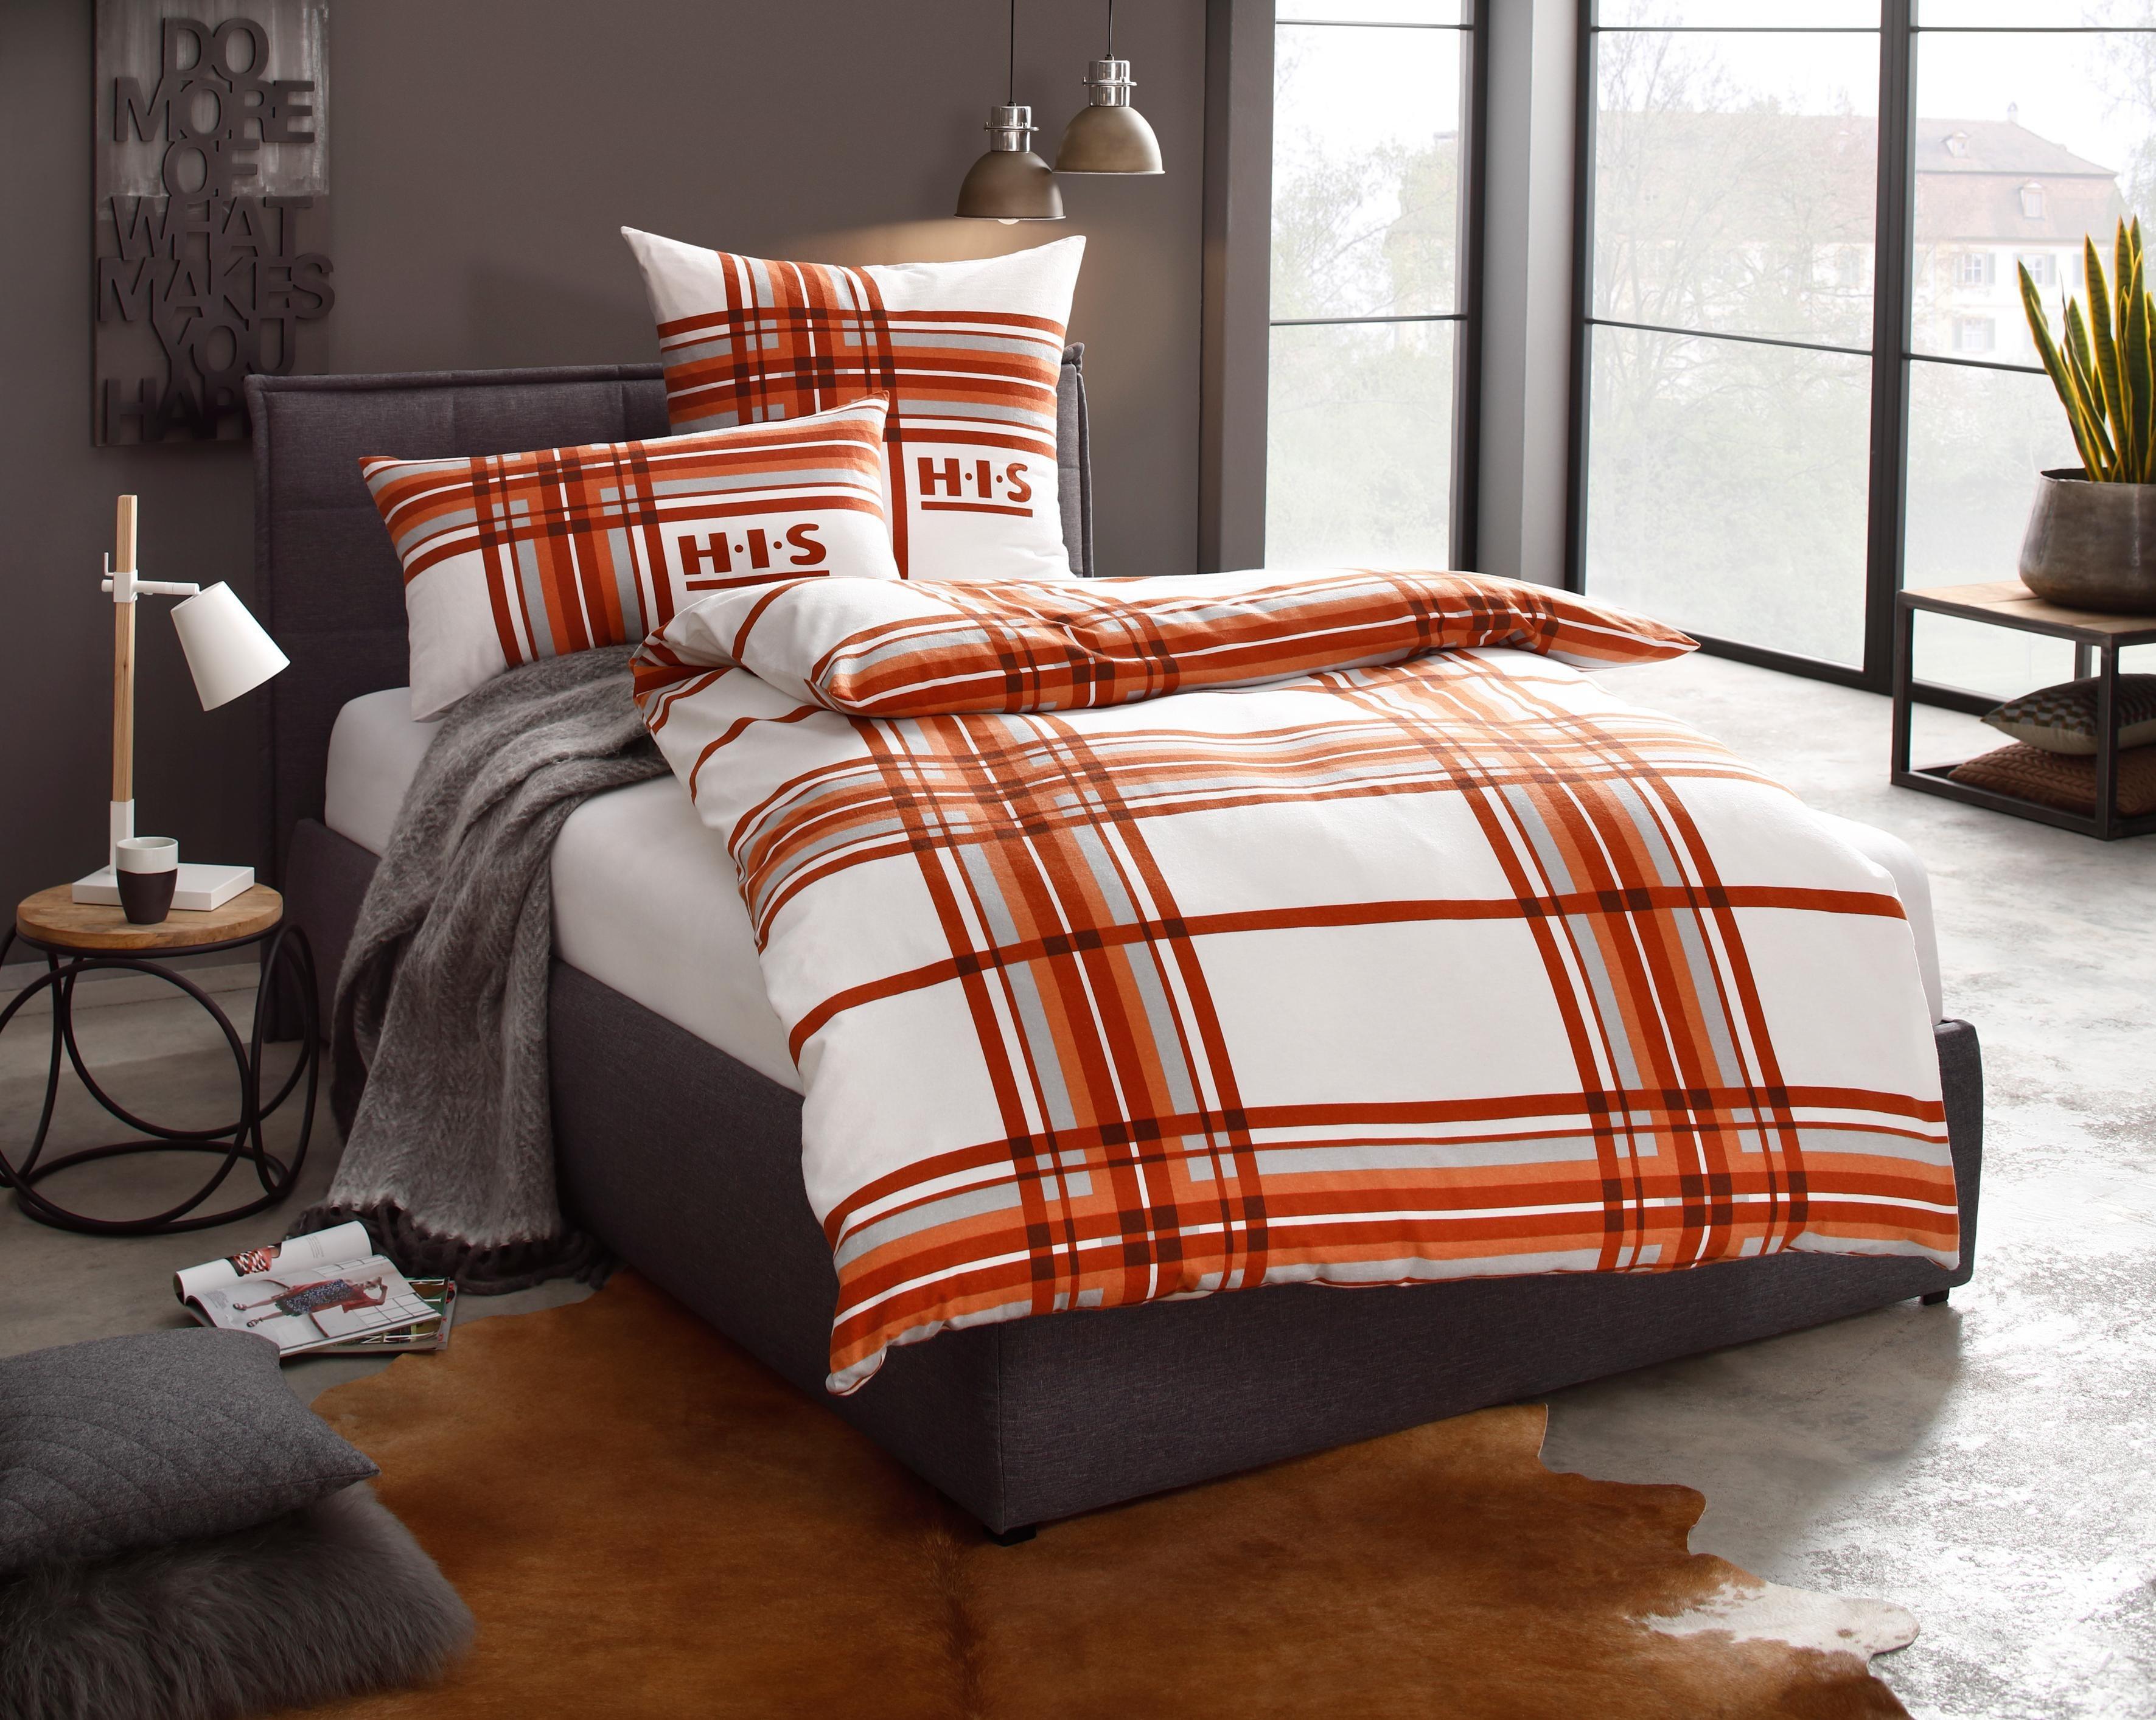 bettw sche 135x200 preisvergleich die besten angebote online kaufen. Black Bedroom Furniture Sets. Home Design Ideas